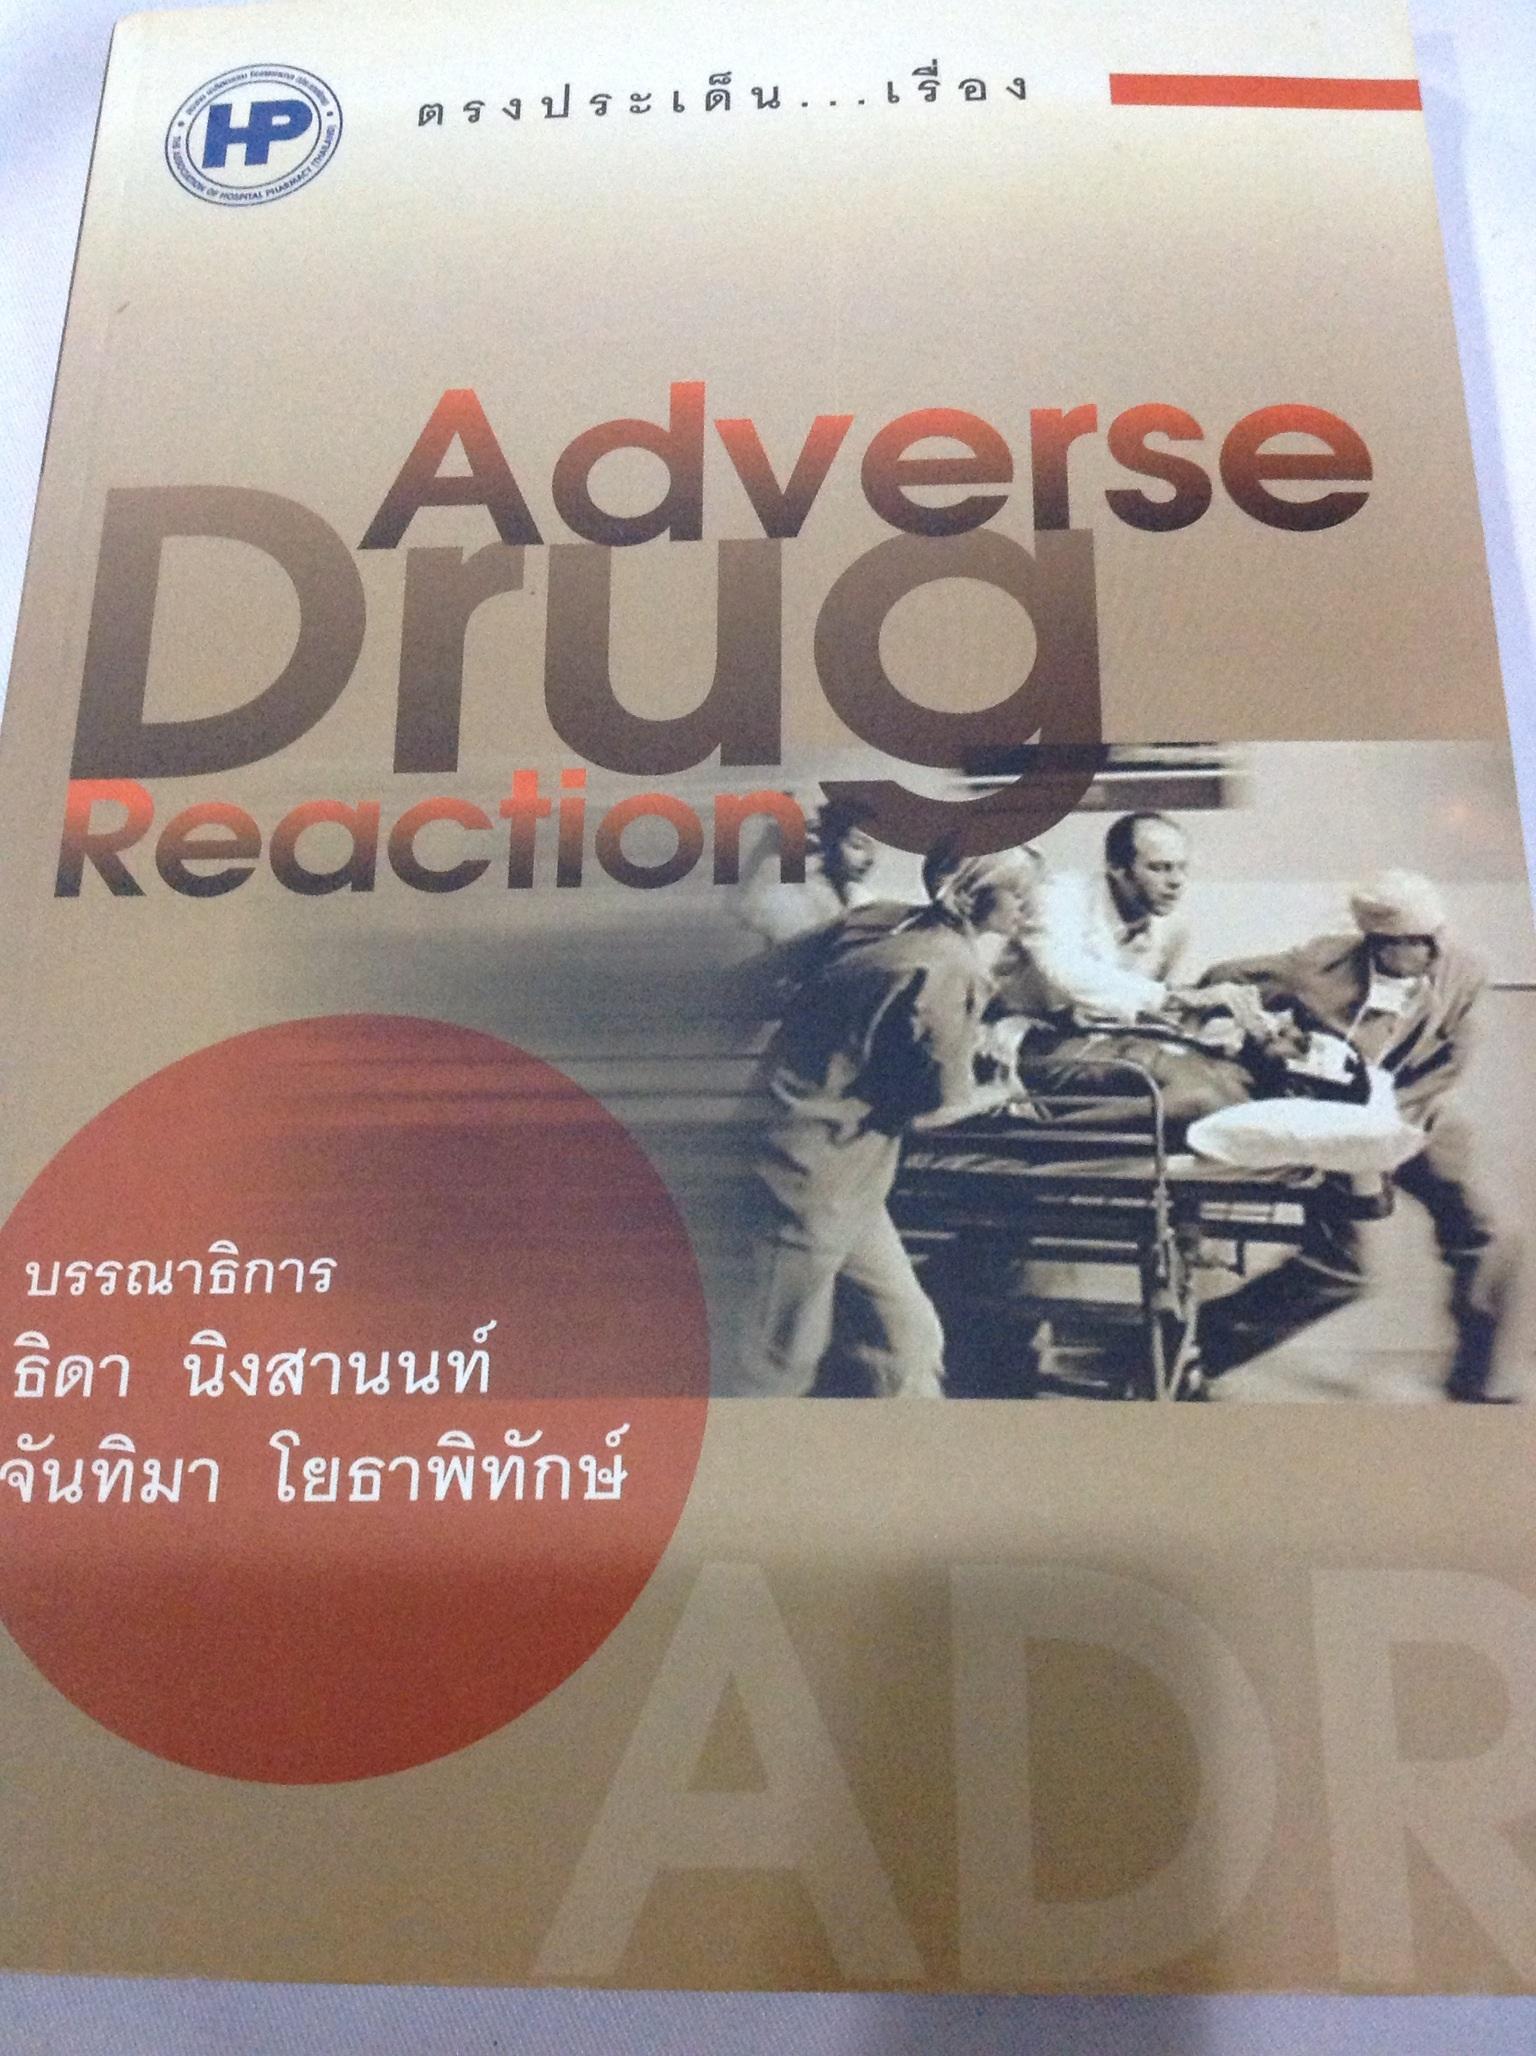 ตรงประเด็น...เรื่อง Adverse Drug Reaction